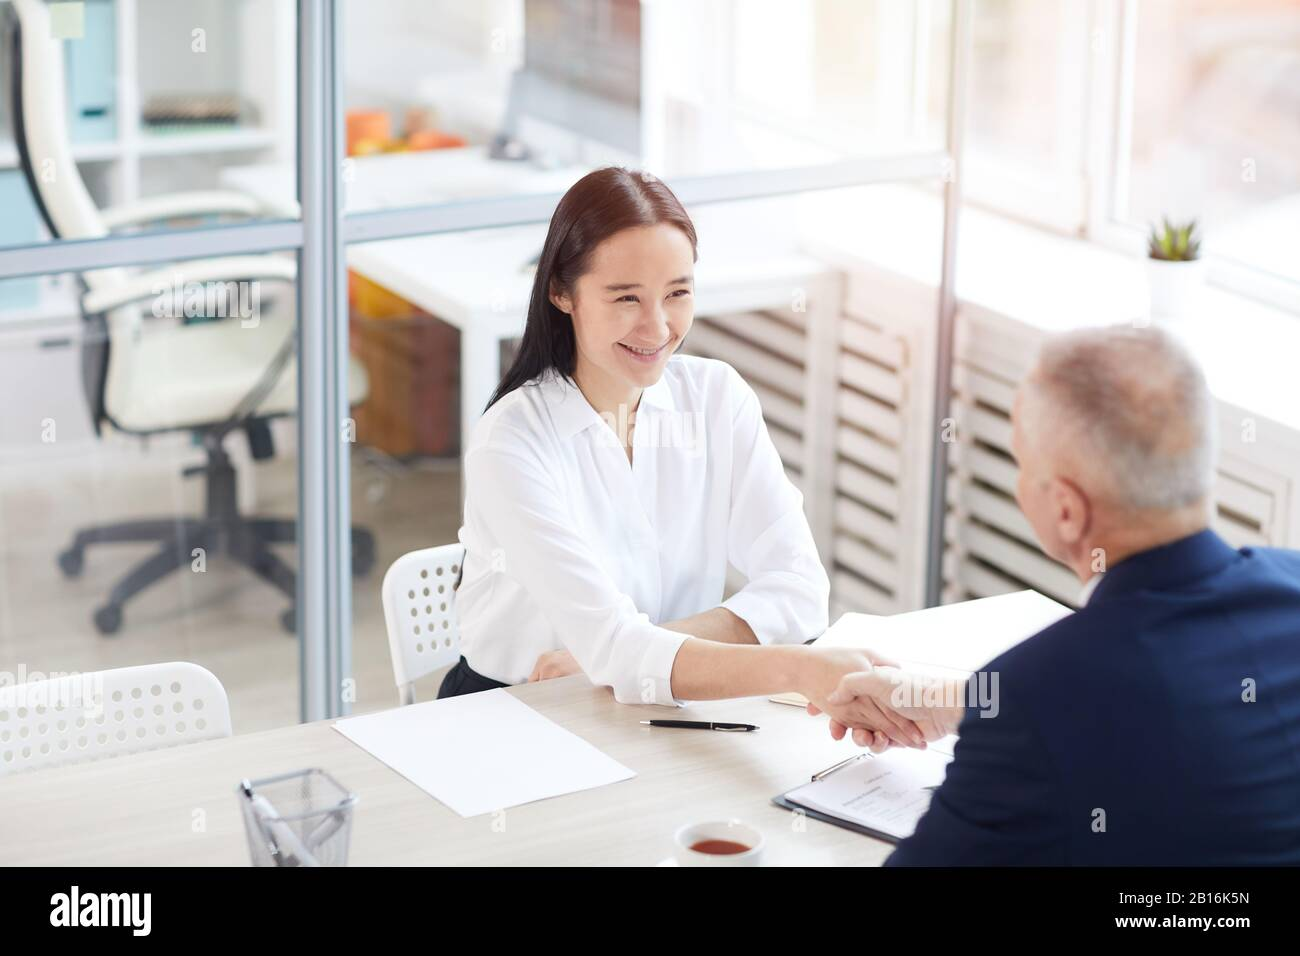 Portrait en grand angle de la jeune femme d'affaires asiatique souriant avec plaisir tout en secouant les mains avec un homme d'affaires à travers la table au bureau, espace de copie Banque D'Images